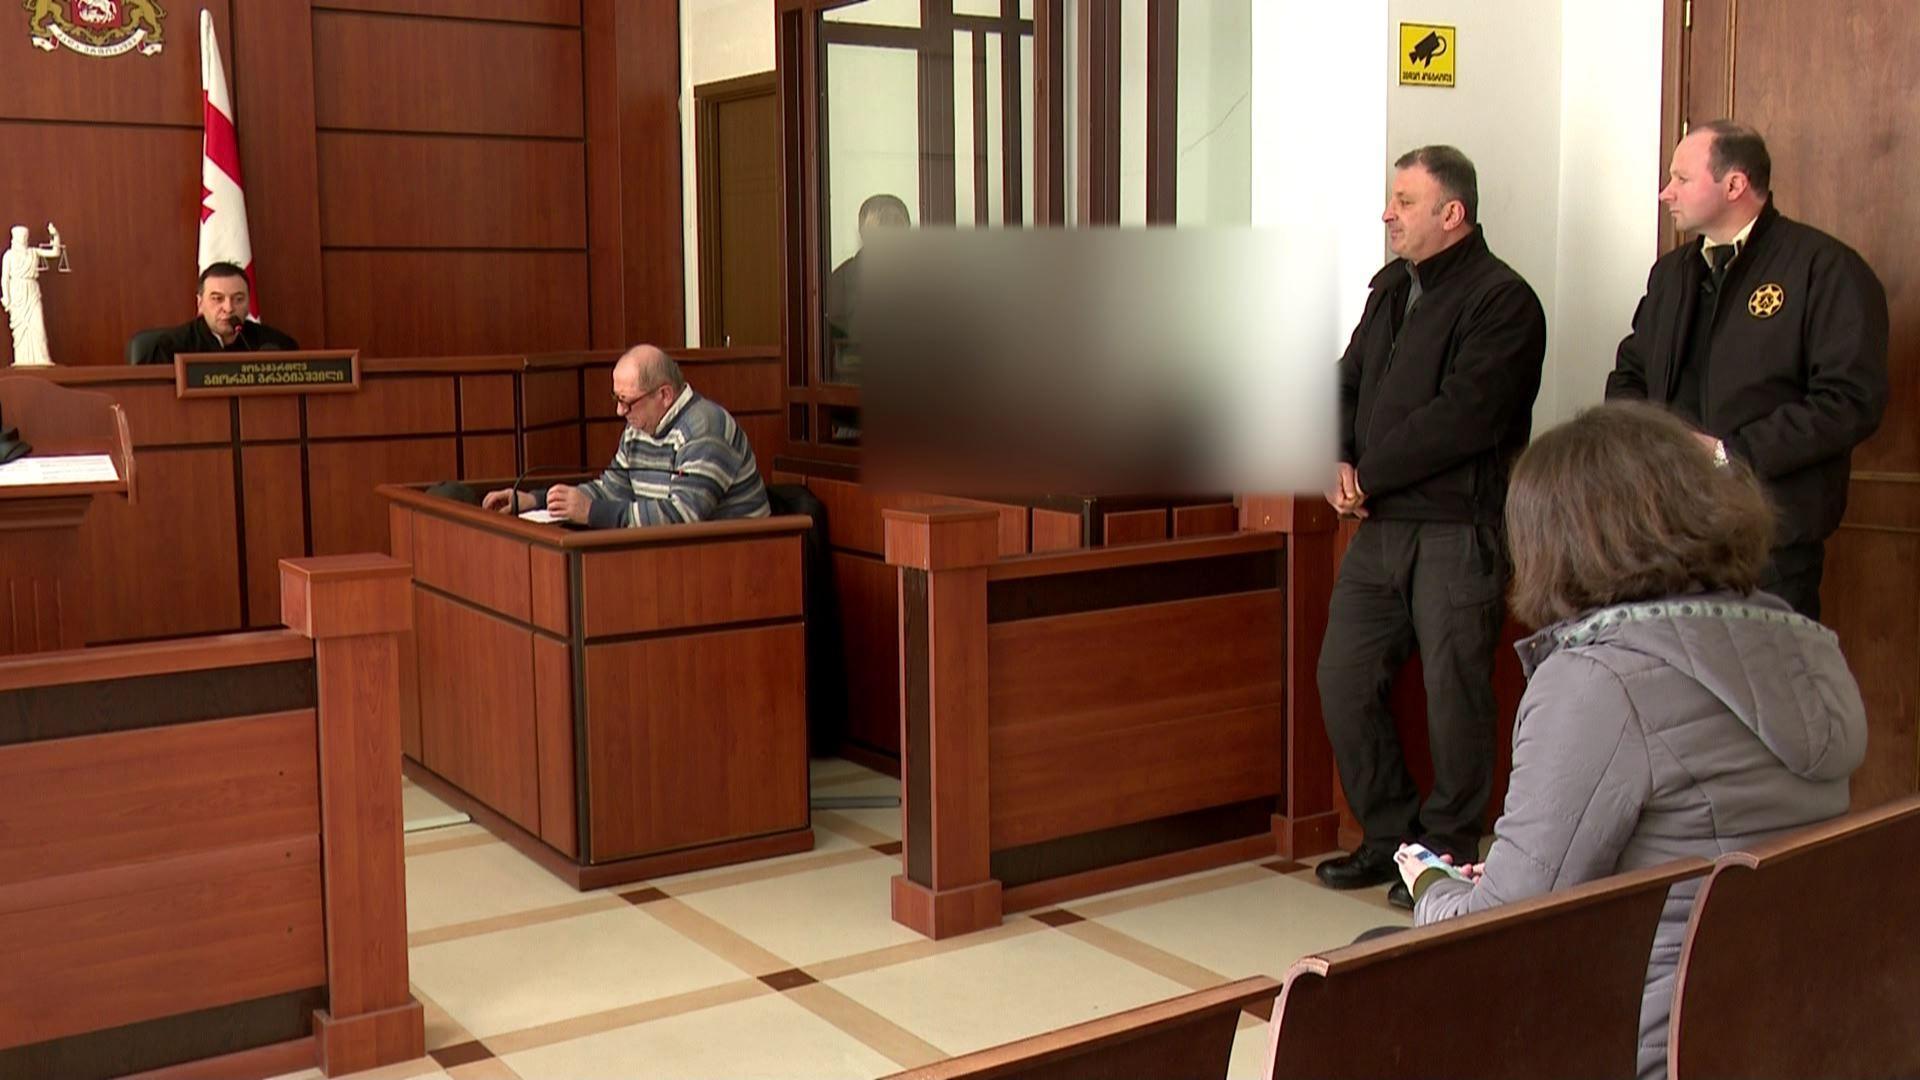 გარყვნილ ქმედებაში ბრალდებული   სასამართლომ დამნაშავედ  ცნო